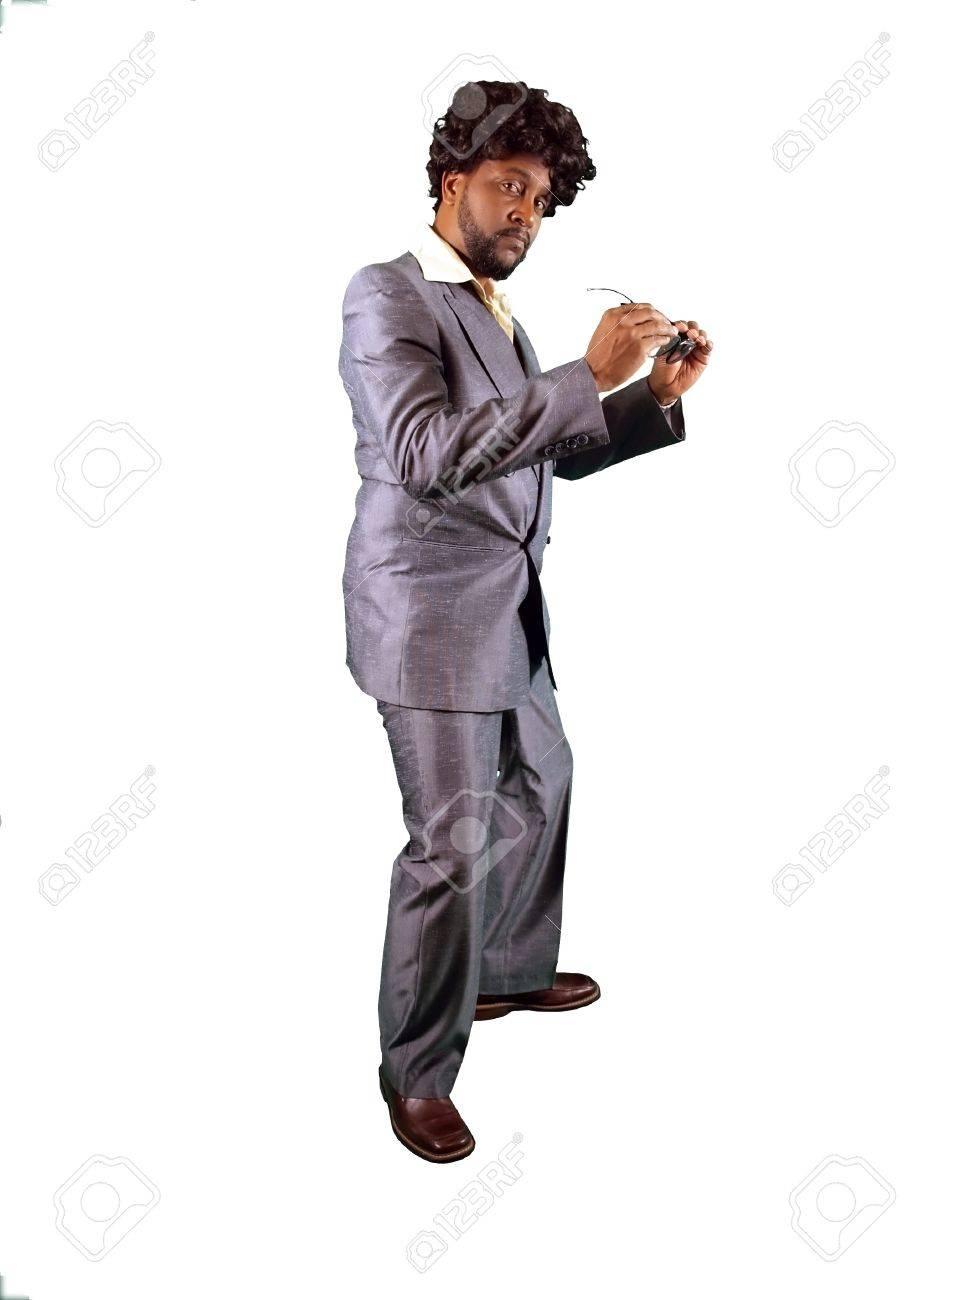 super popular 05bc1 f33c4 Un uomo vestito con un abito retrò anni '70 in stile pimp